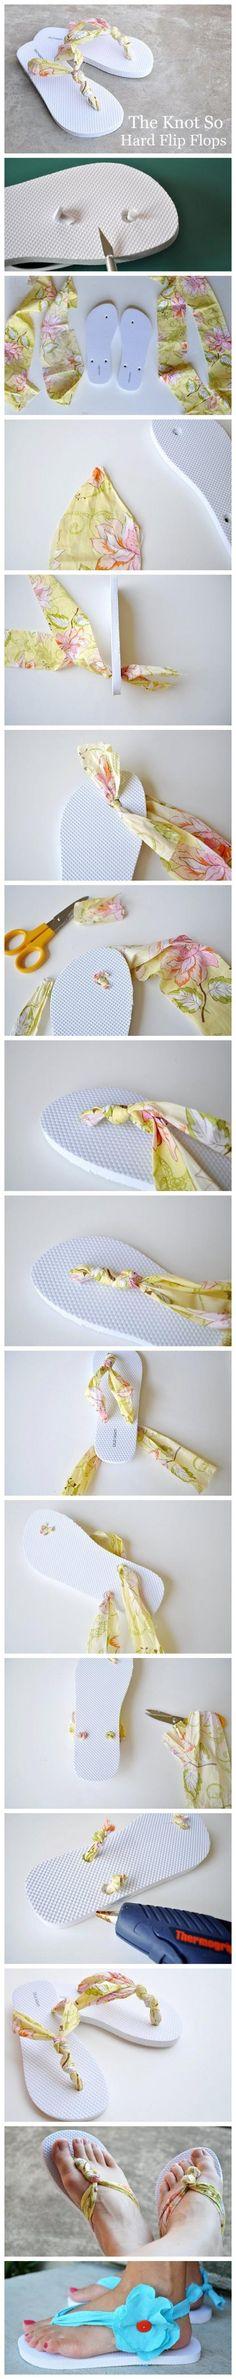 Draag jij in de zomer ook graag slippers? Met deze voorbeelden zorg je dat jouw slippers gezien mogen worden! - maak je slippers zo als jij ze leuk vind..